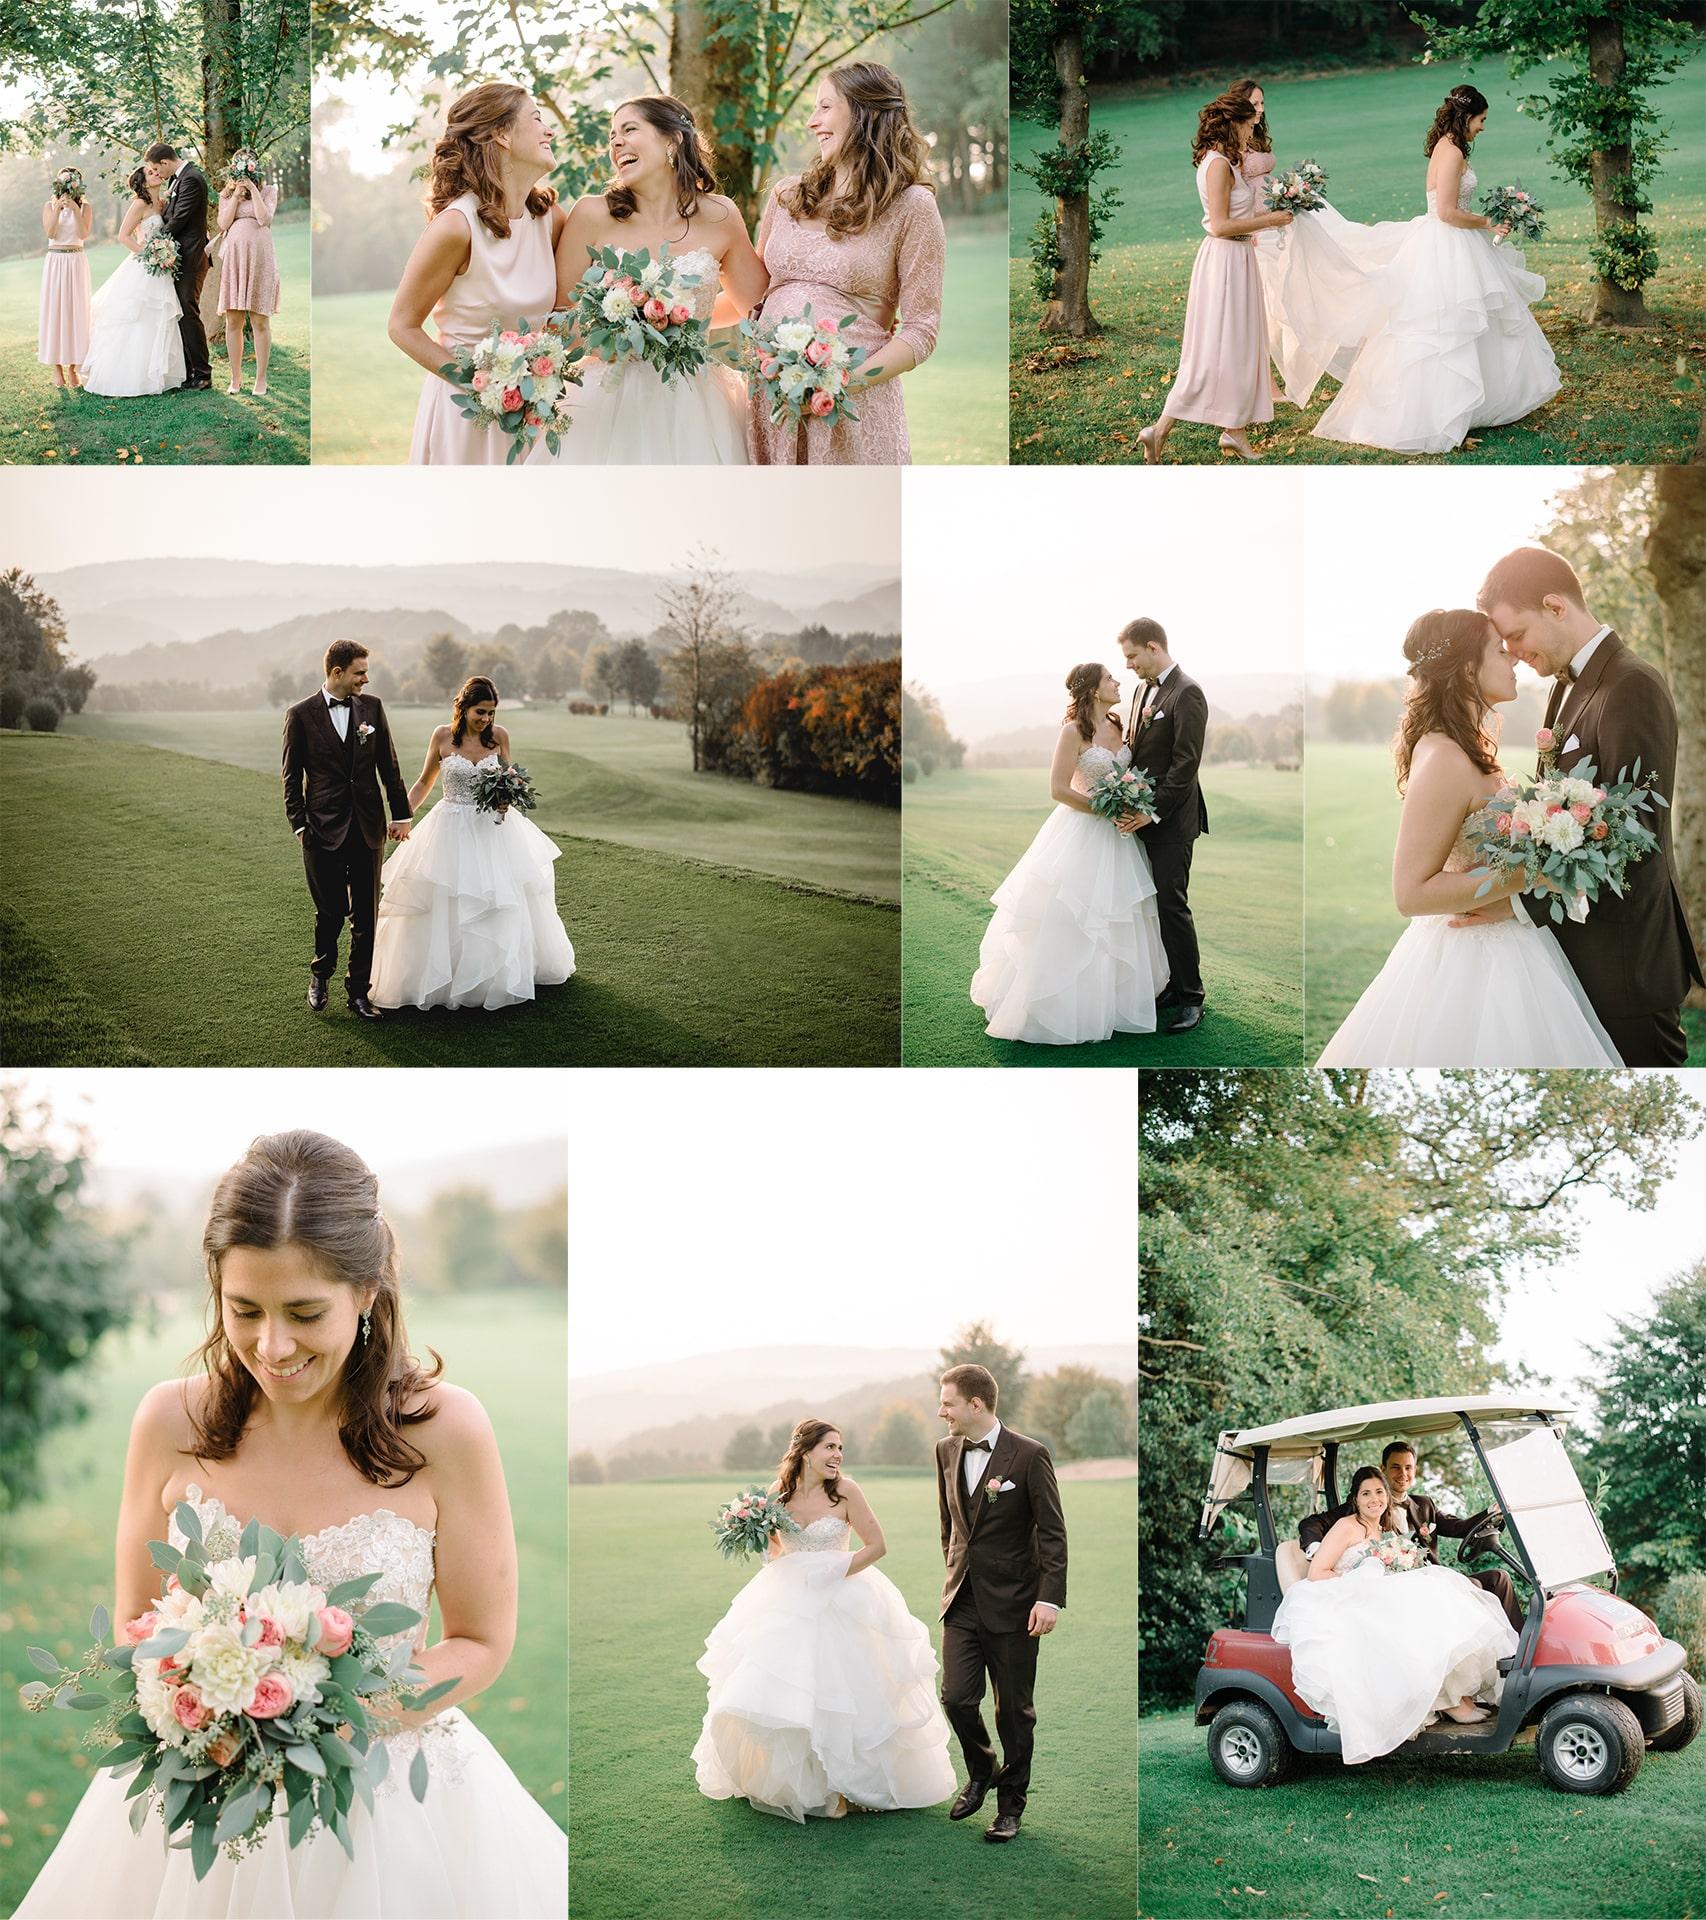 Golfhotel-Vesper-Hochzeitsfotos-02